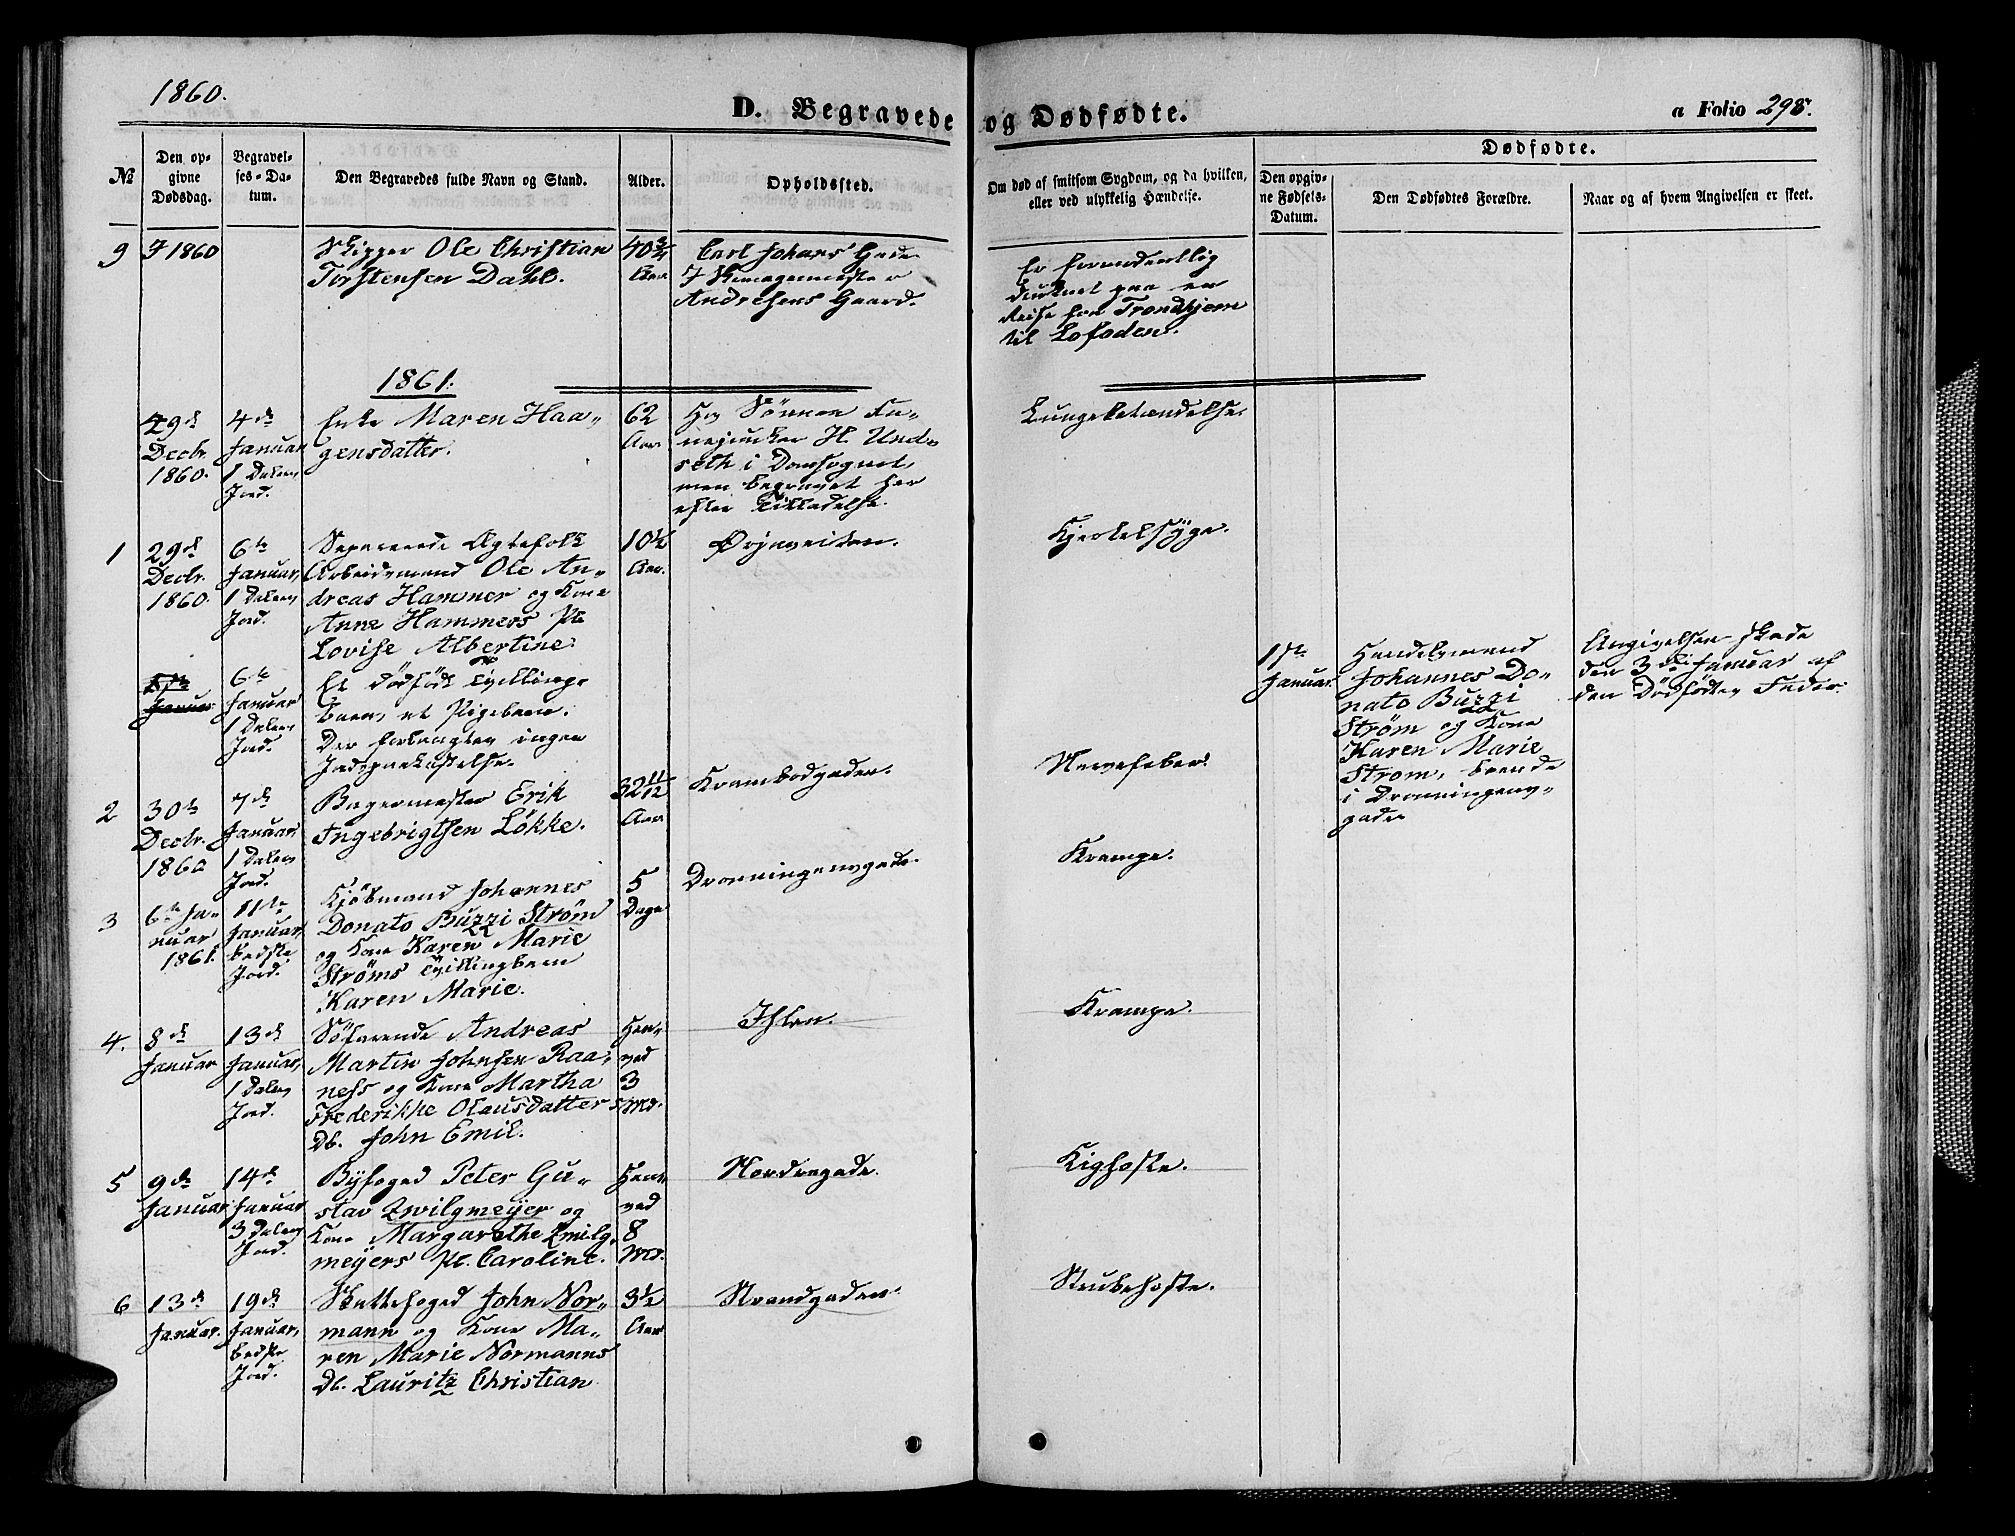 SAT, Ministerialprotokoller, klokkerbøker og fødselsregistre - Sør-Trøndelag, 602/L0139: Klokkerbok nr. 602C07, 1859-1864, s. 298